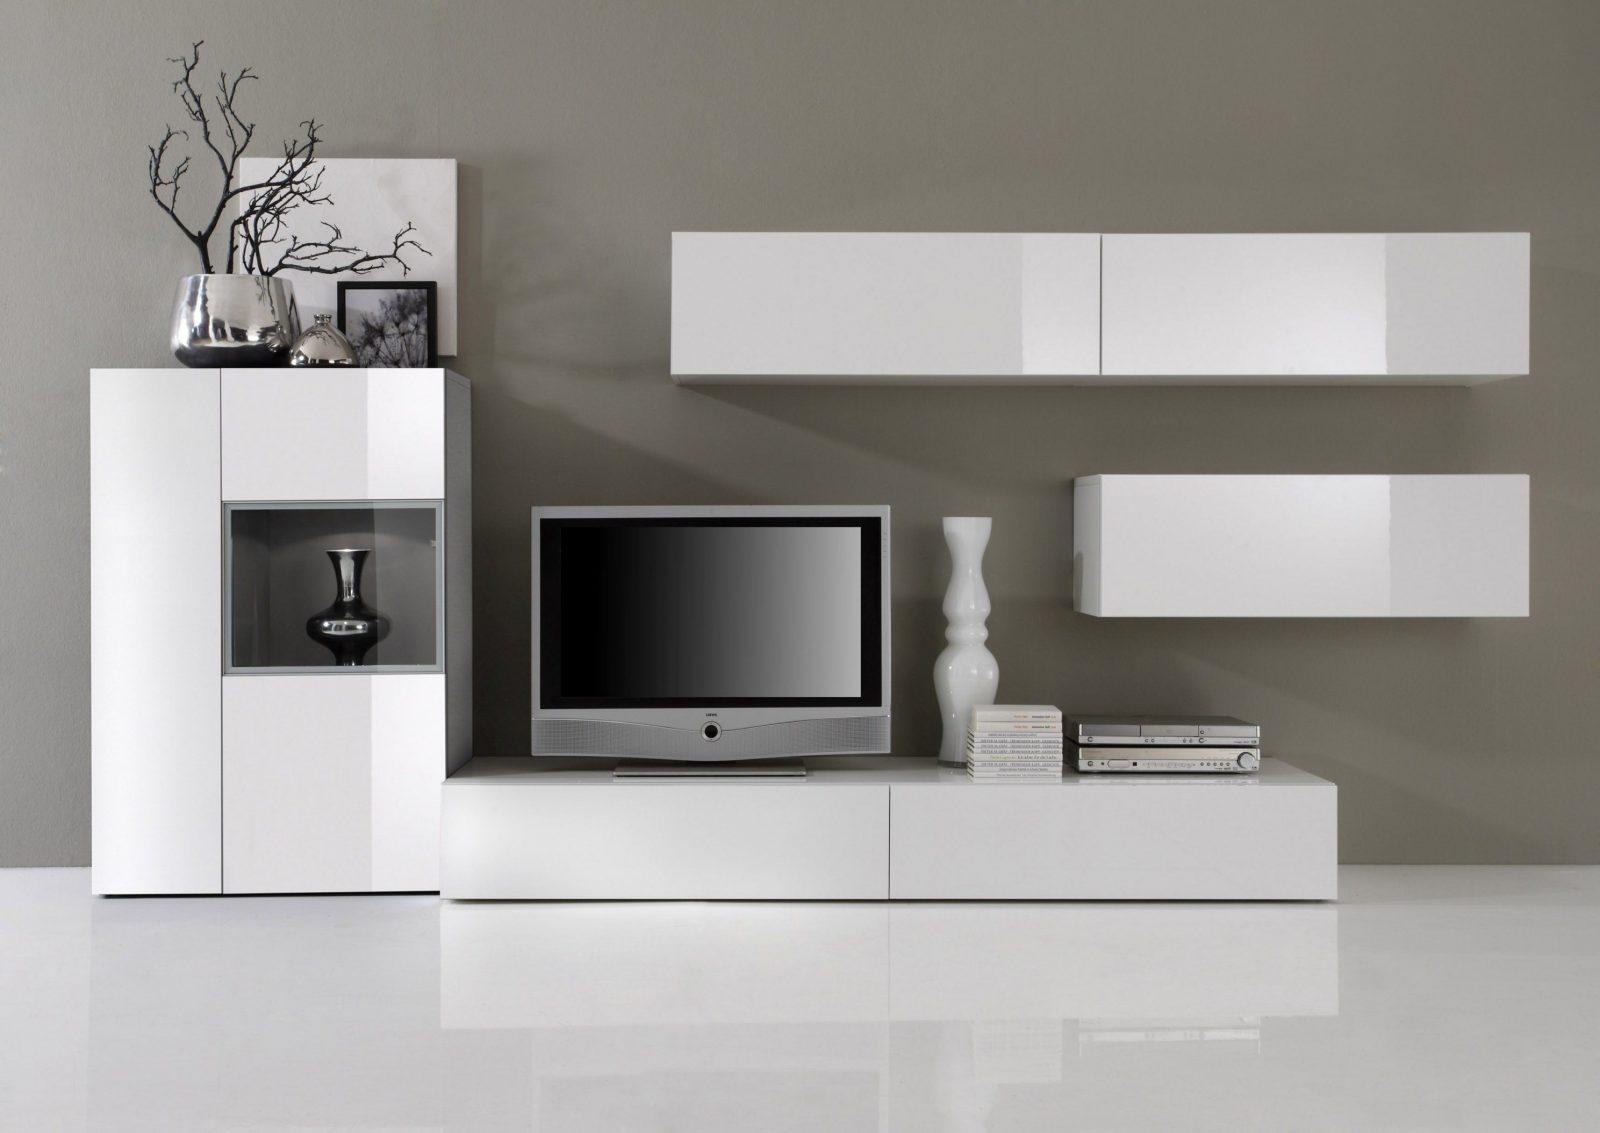 Hängeschrank Weiß Hochglanz Wohnzimmer Lovely Design Bezieht Sich von Hängeschrank Weiß Hochglanz Wohnzimmer Bild